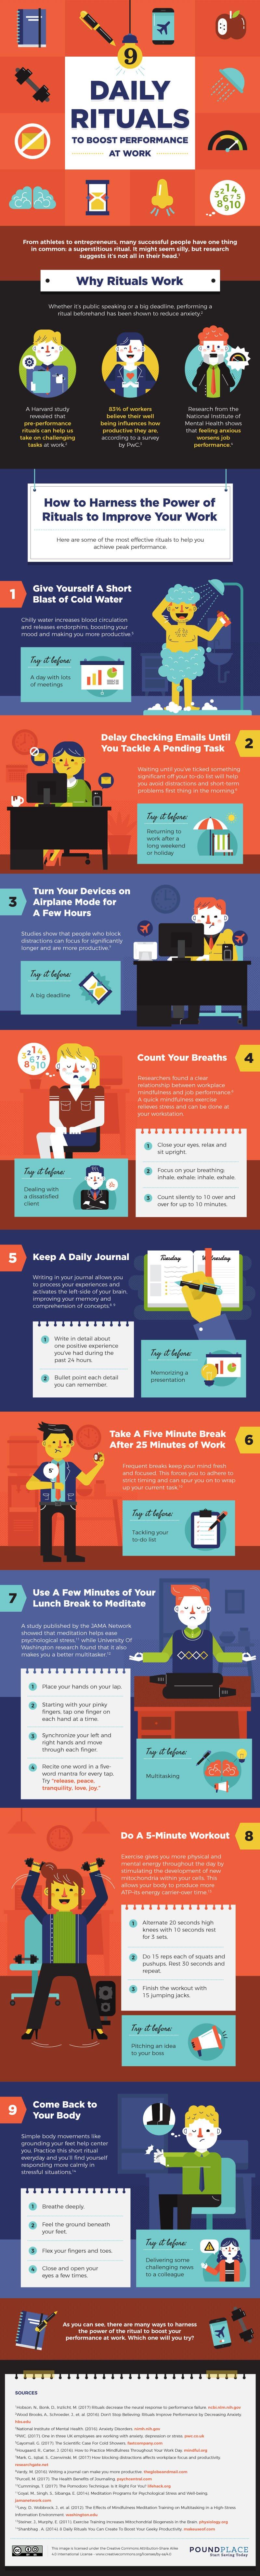 9 rituales diarios para mejorar tu desempeño en el trabajo